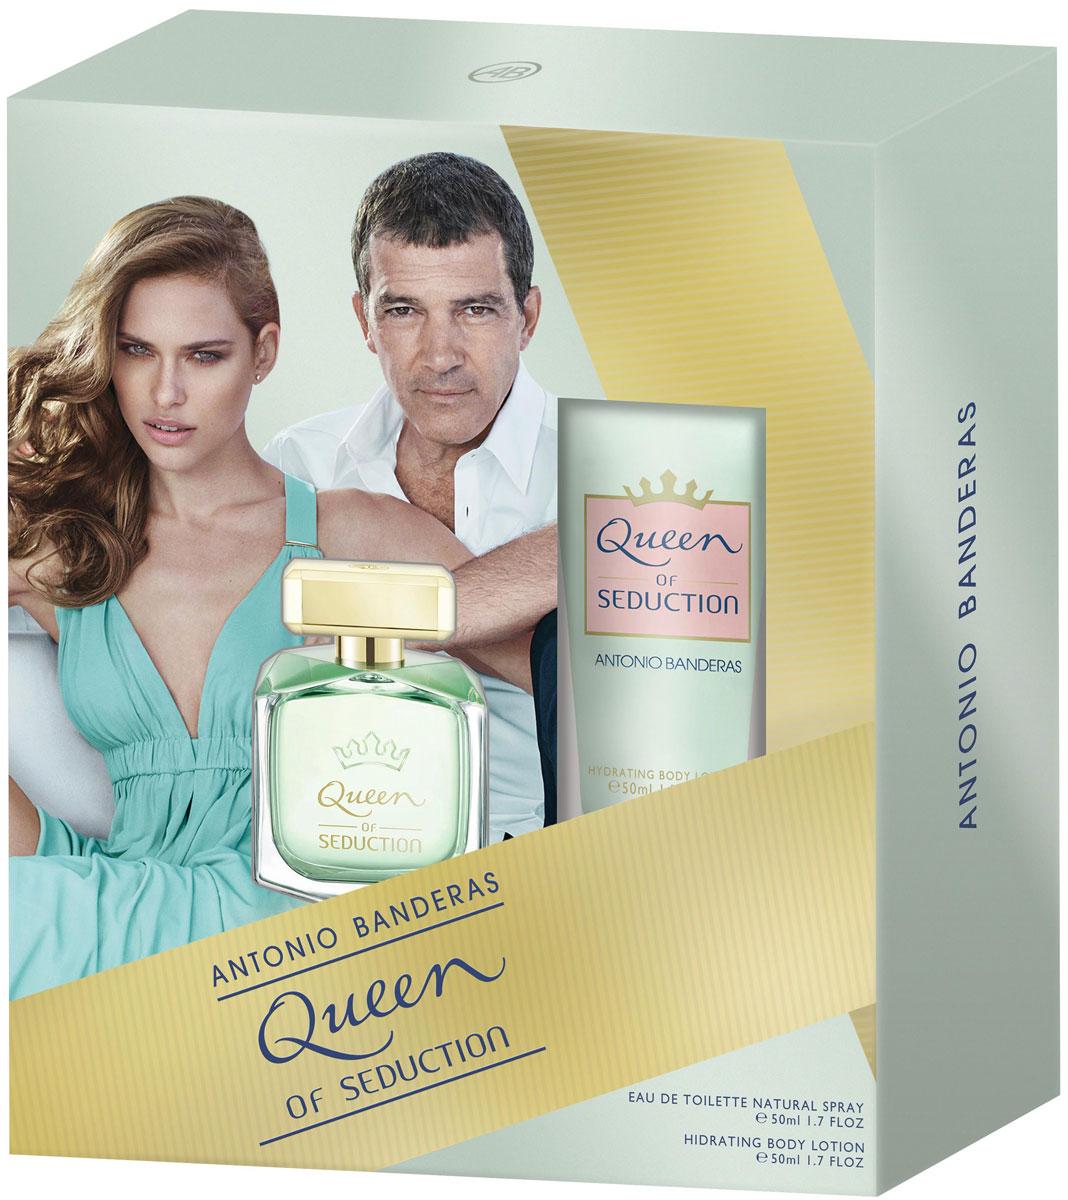 Antonio Banderas Парфюмерный набор Queen Of Seduction: туалетная вода, лосьон для тела, 2 х 50 мл набор queen of seduction туалетная вода 50 мл лосьон для тела 50 мл antonio banderas